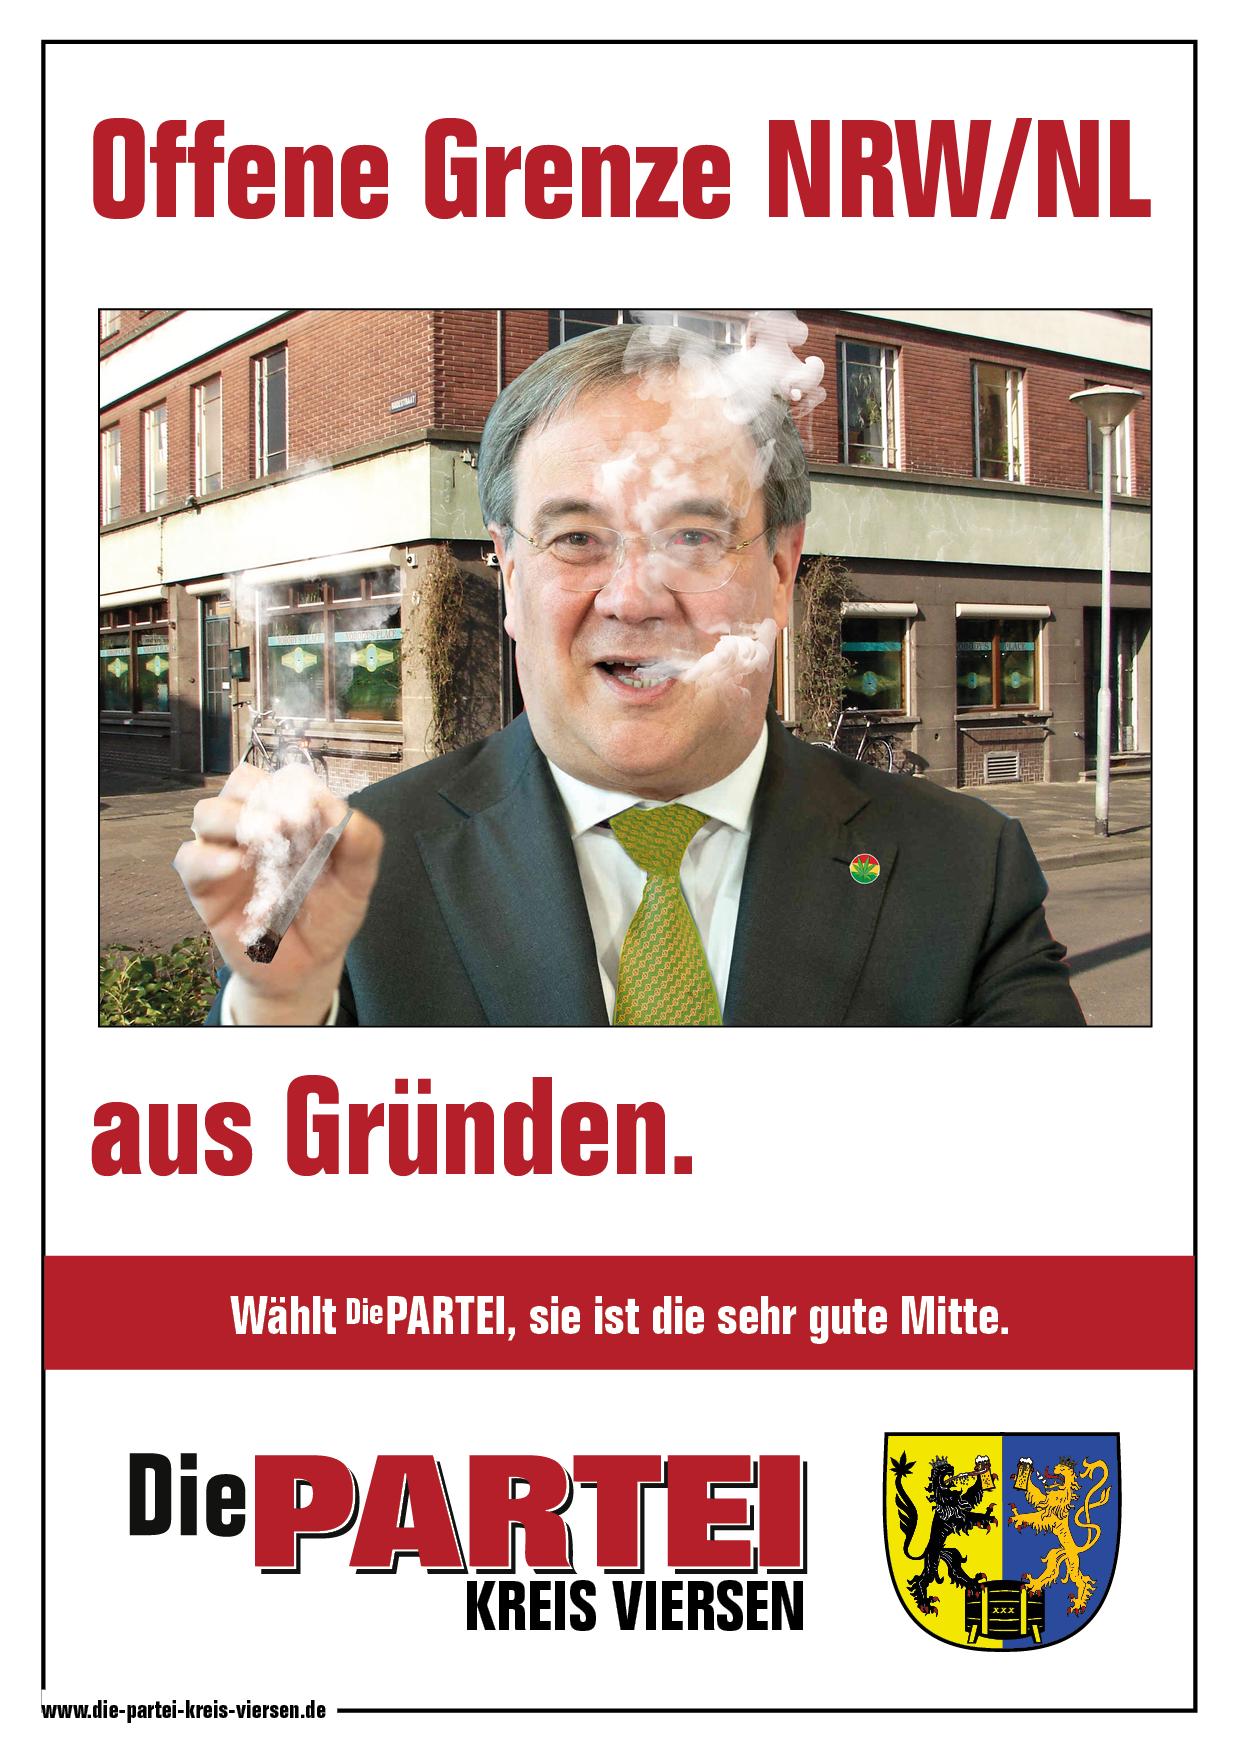 Offene Grenzen NRW/NL – Lusche rulez (not)!